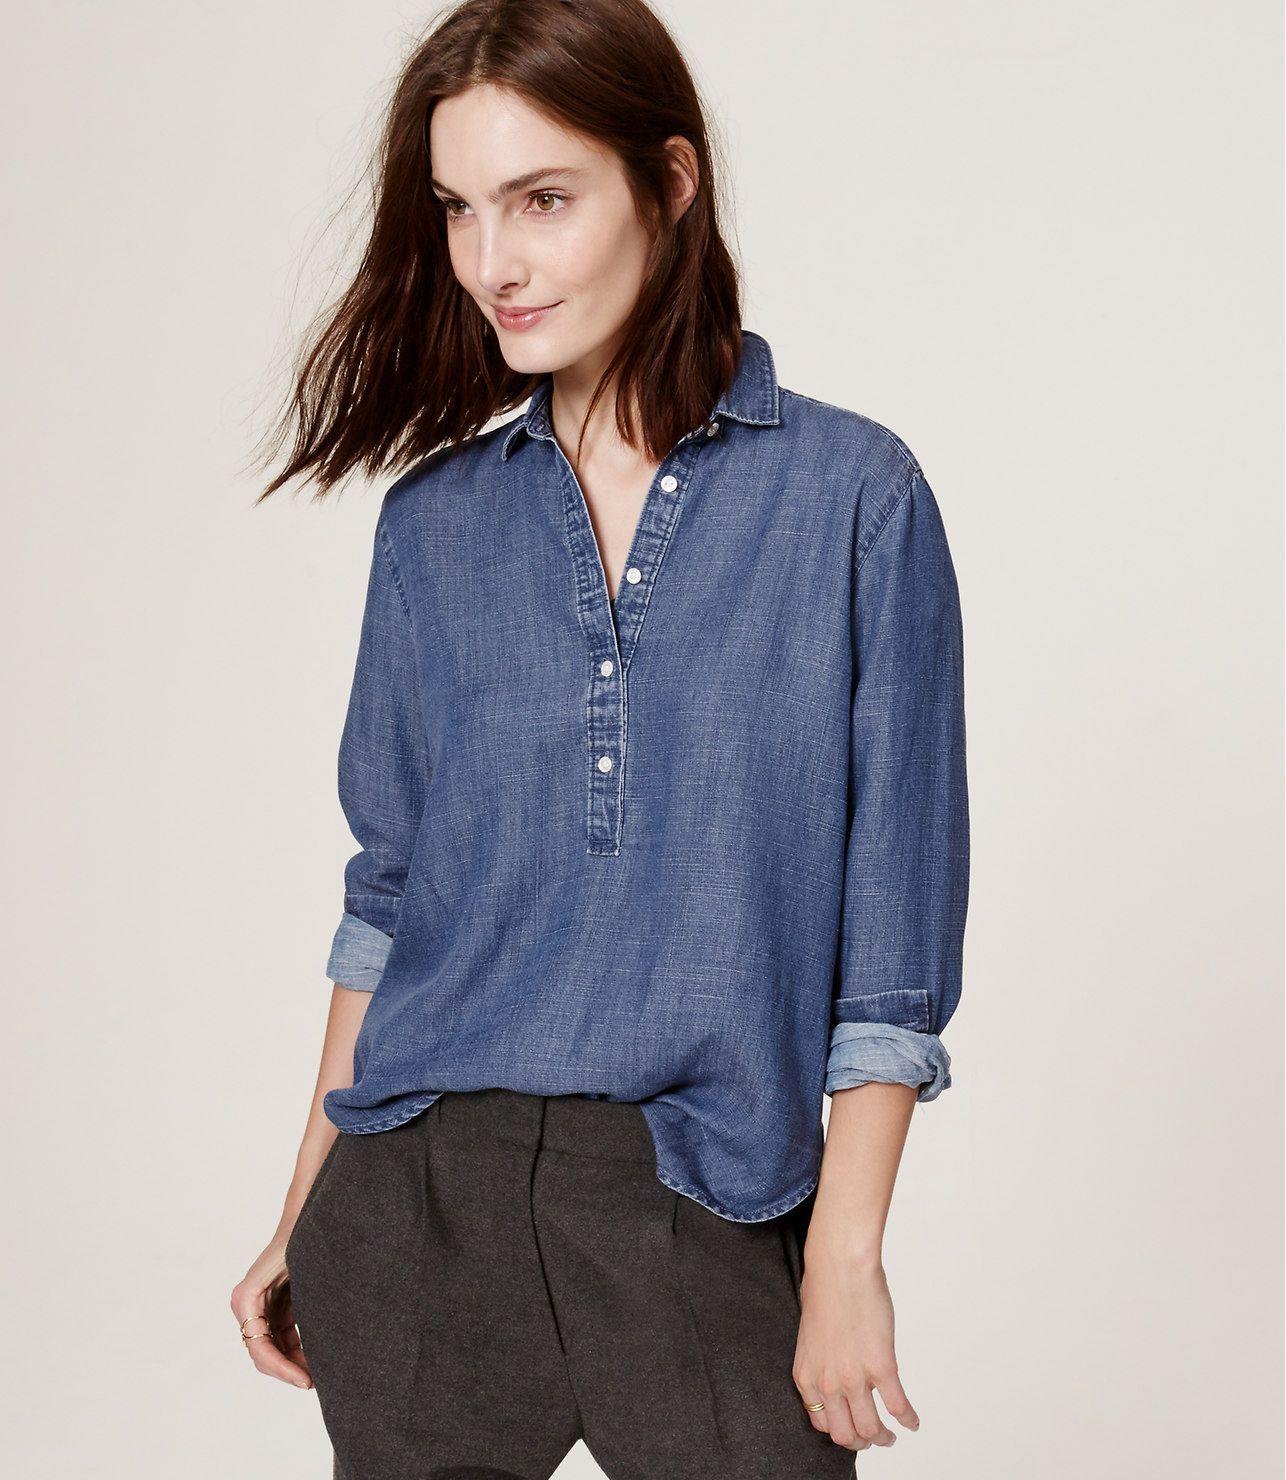 15d62da7d2ff5 Meet the softened shirt – a light and airy button-down